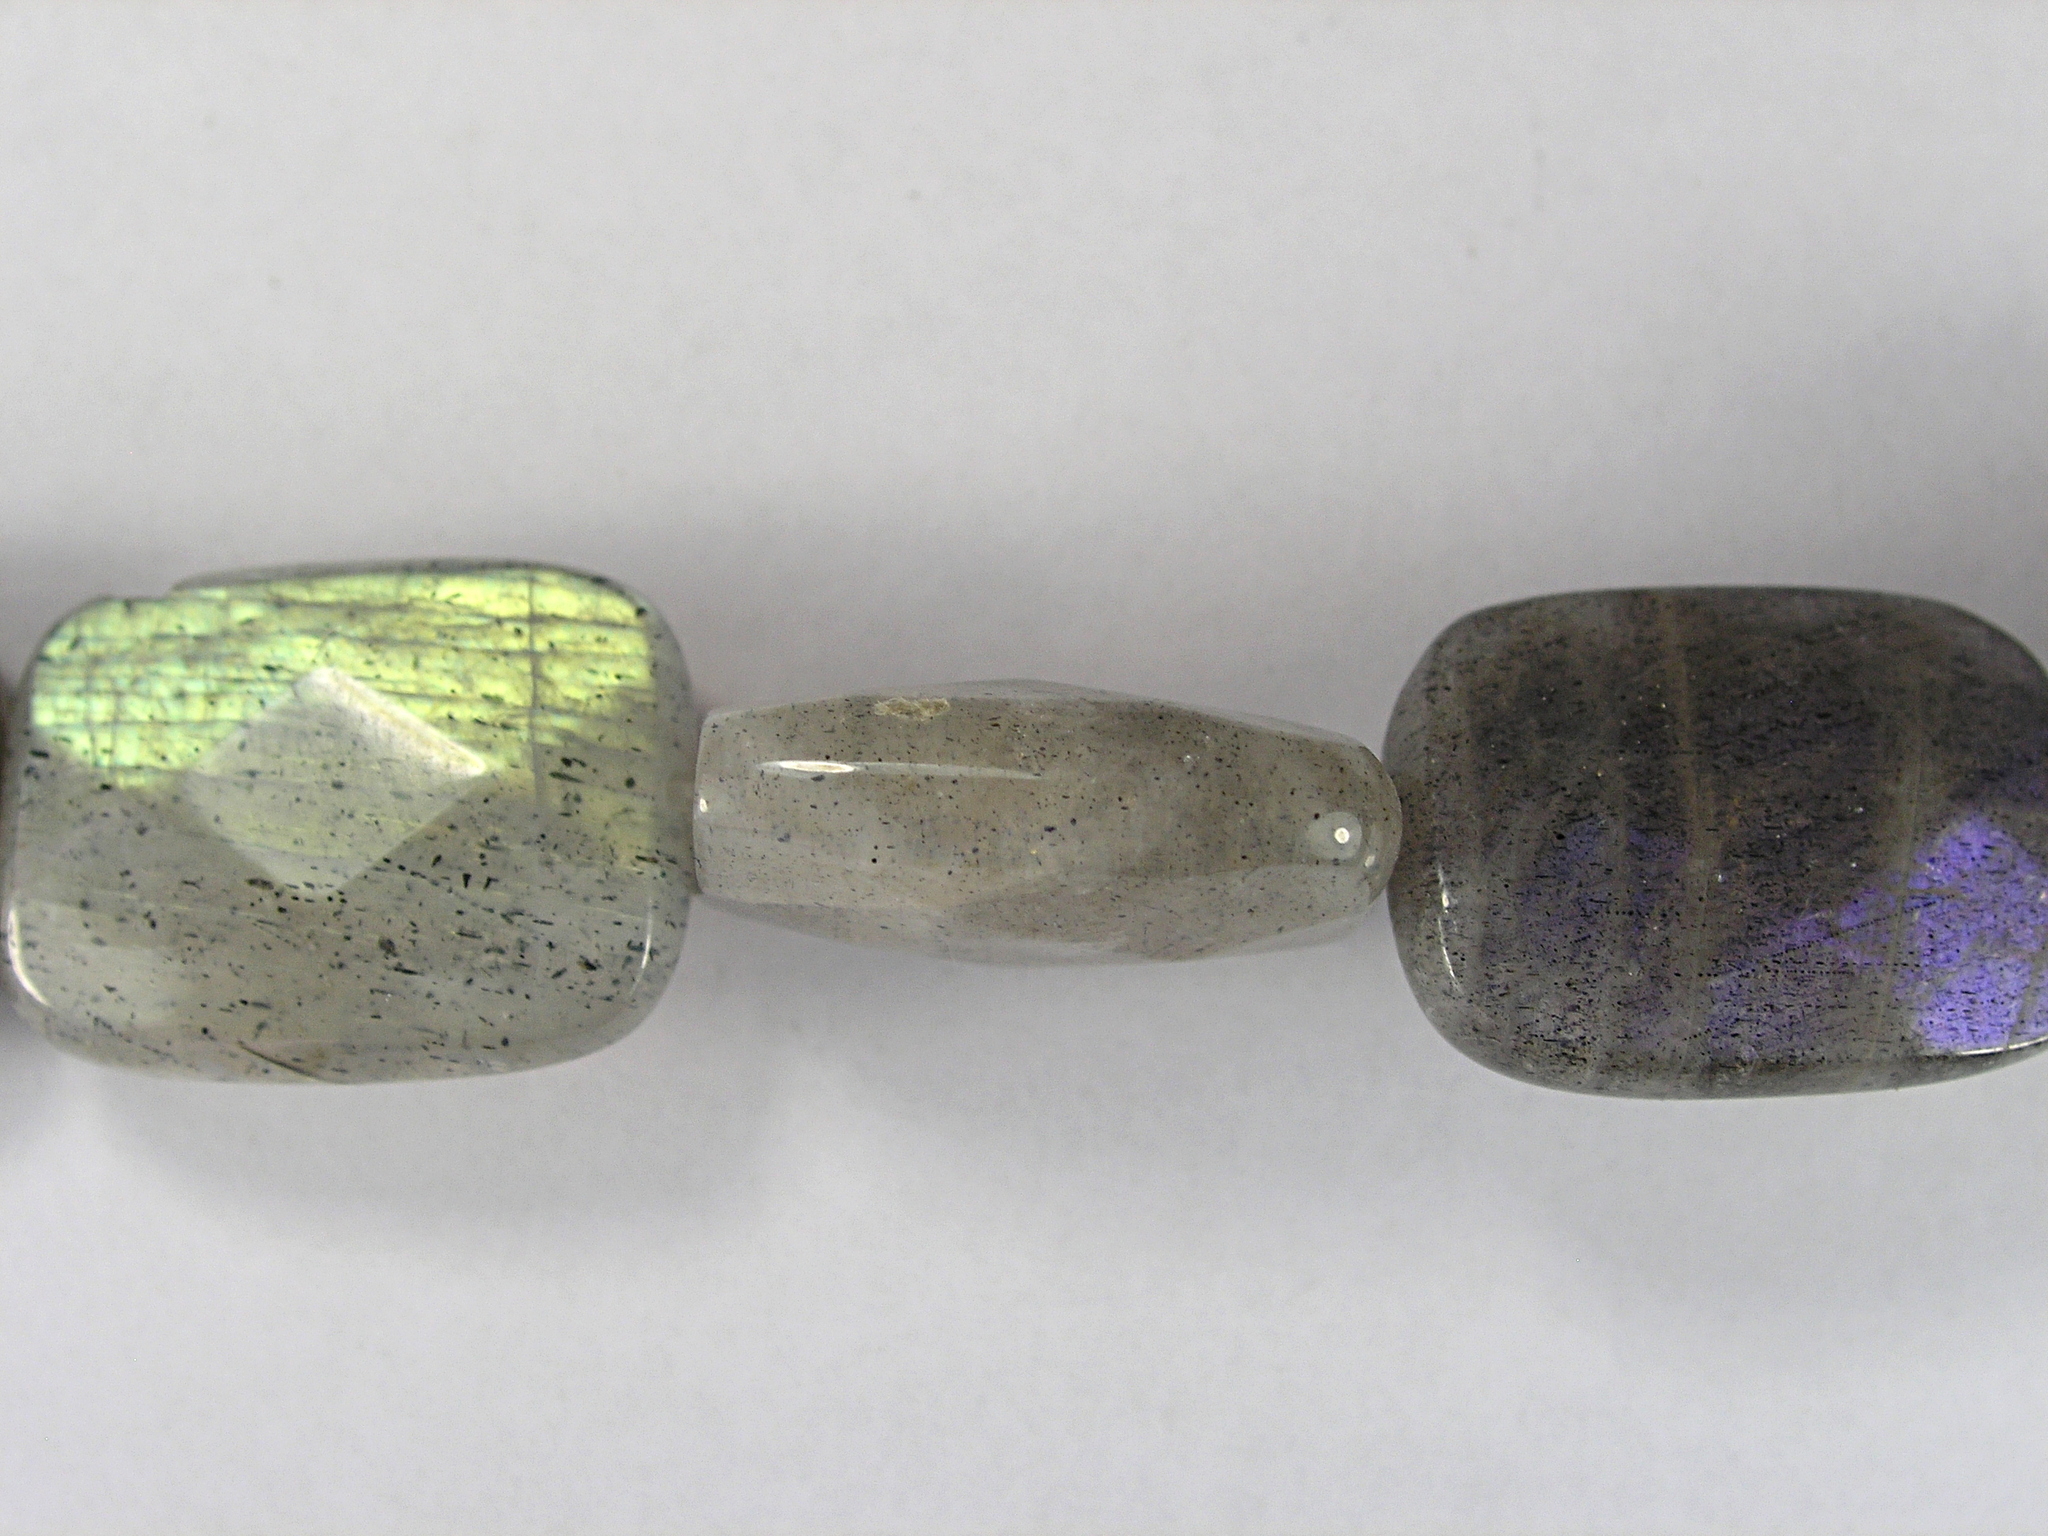 Бусина из лабрадора (спектролита), фигурная, 13x18 мм (прямоугольник, граненая)